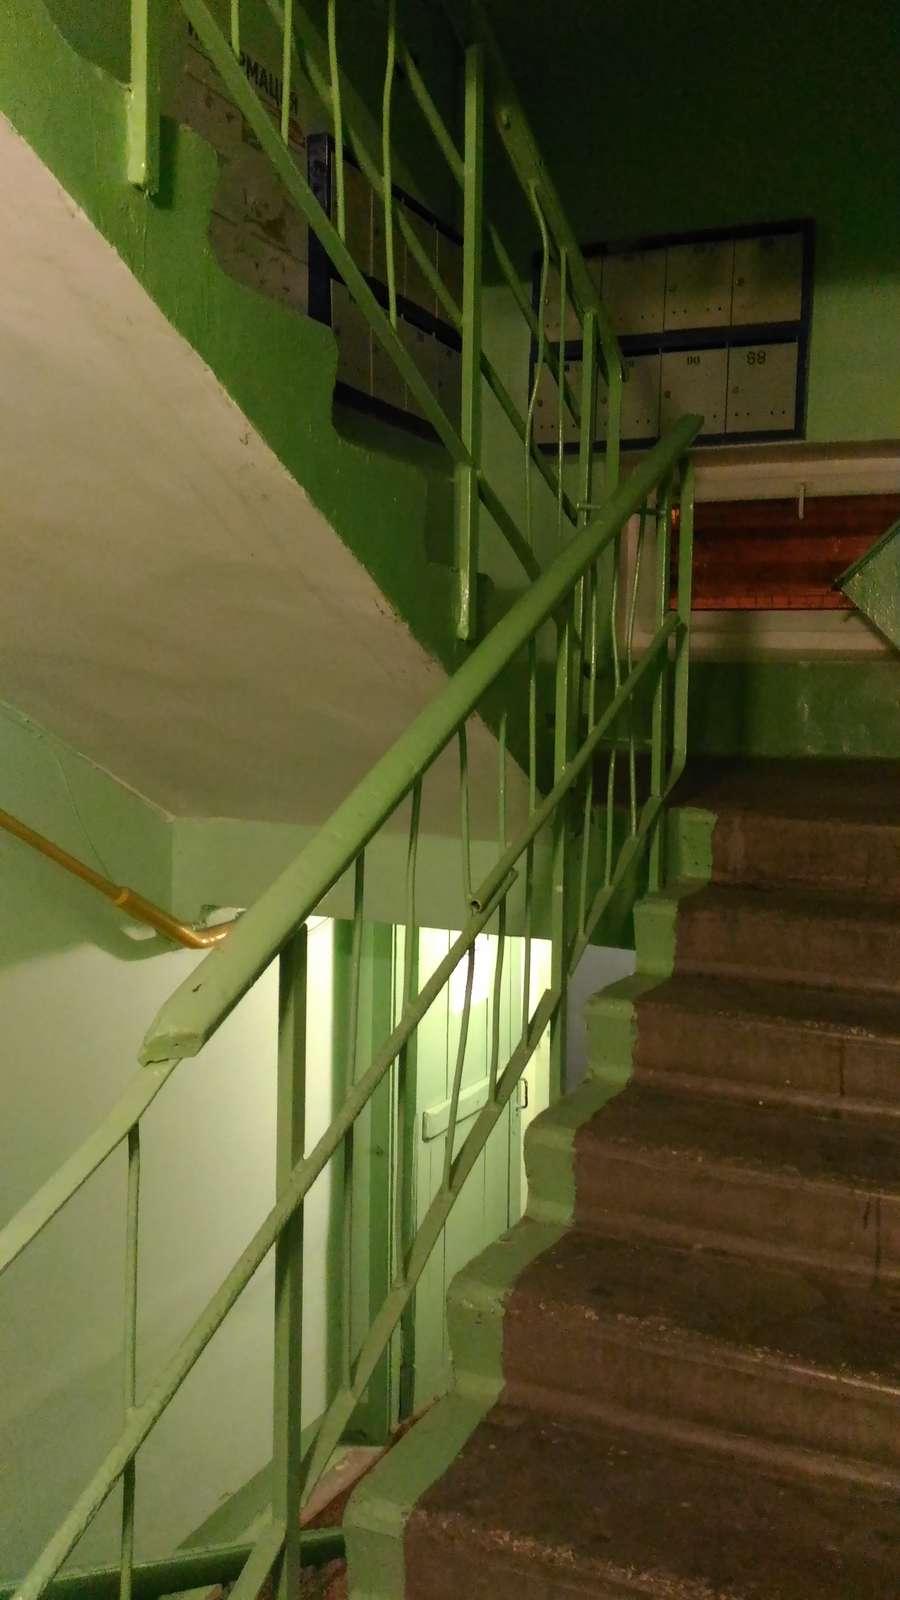 Продажа 1-комнатной квартиры, г. Тольятти, Громовой улица  дом 34